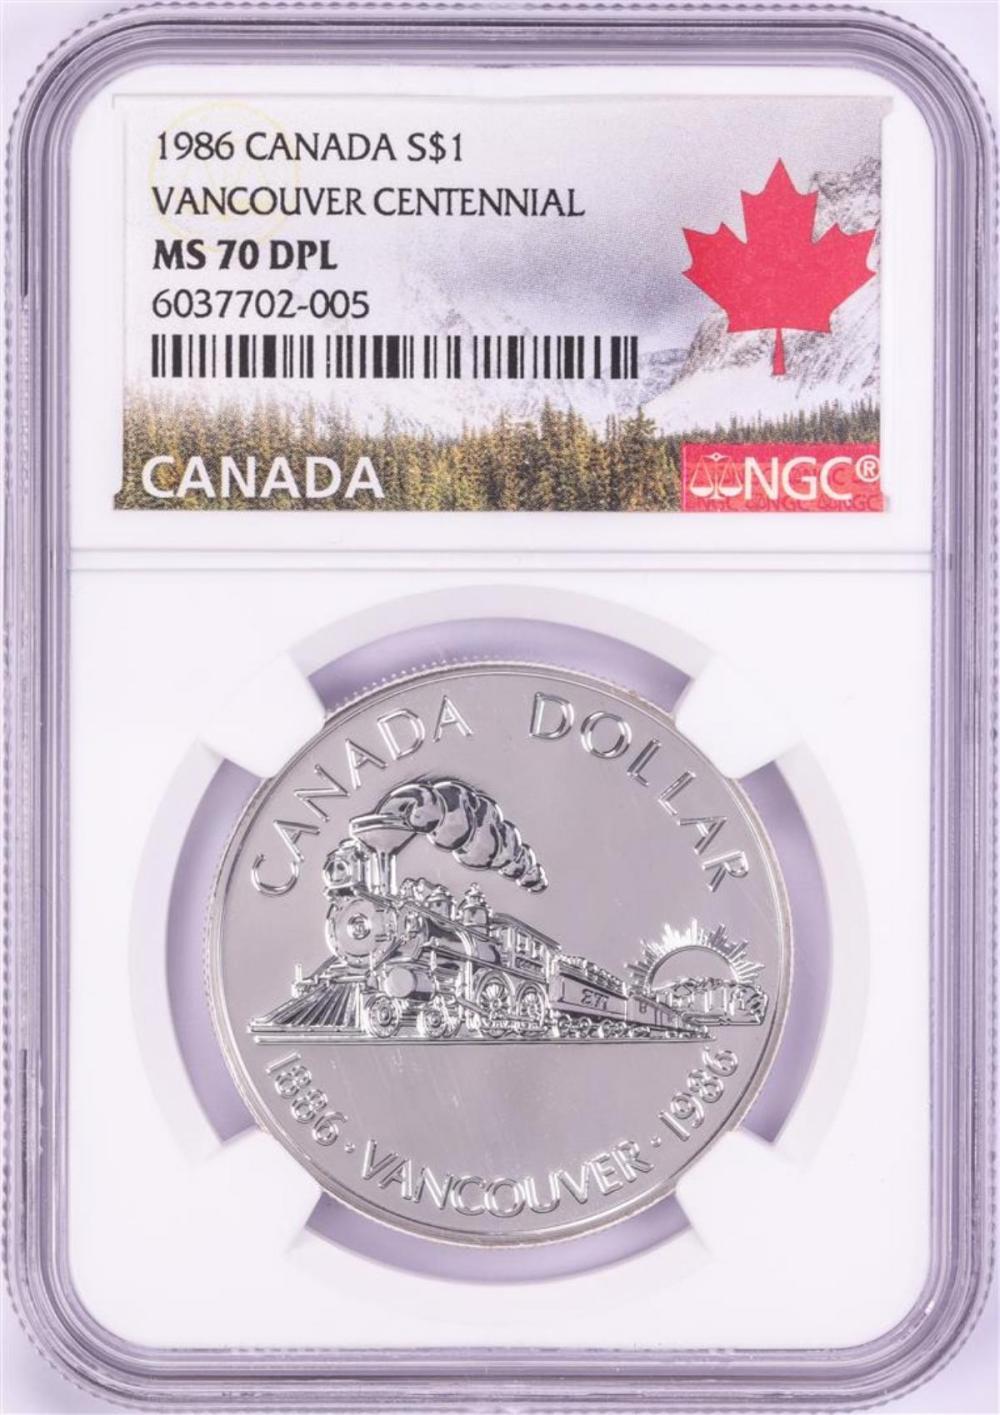 1986 $1 Canada Vancouver Centennial Silver Dollar Coin NGC MS70 DPL